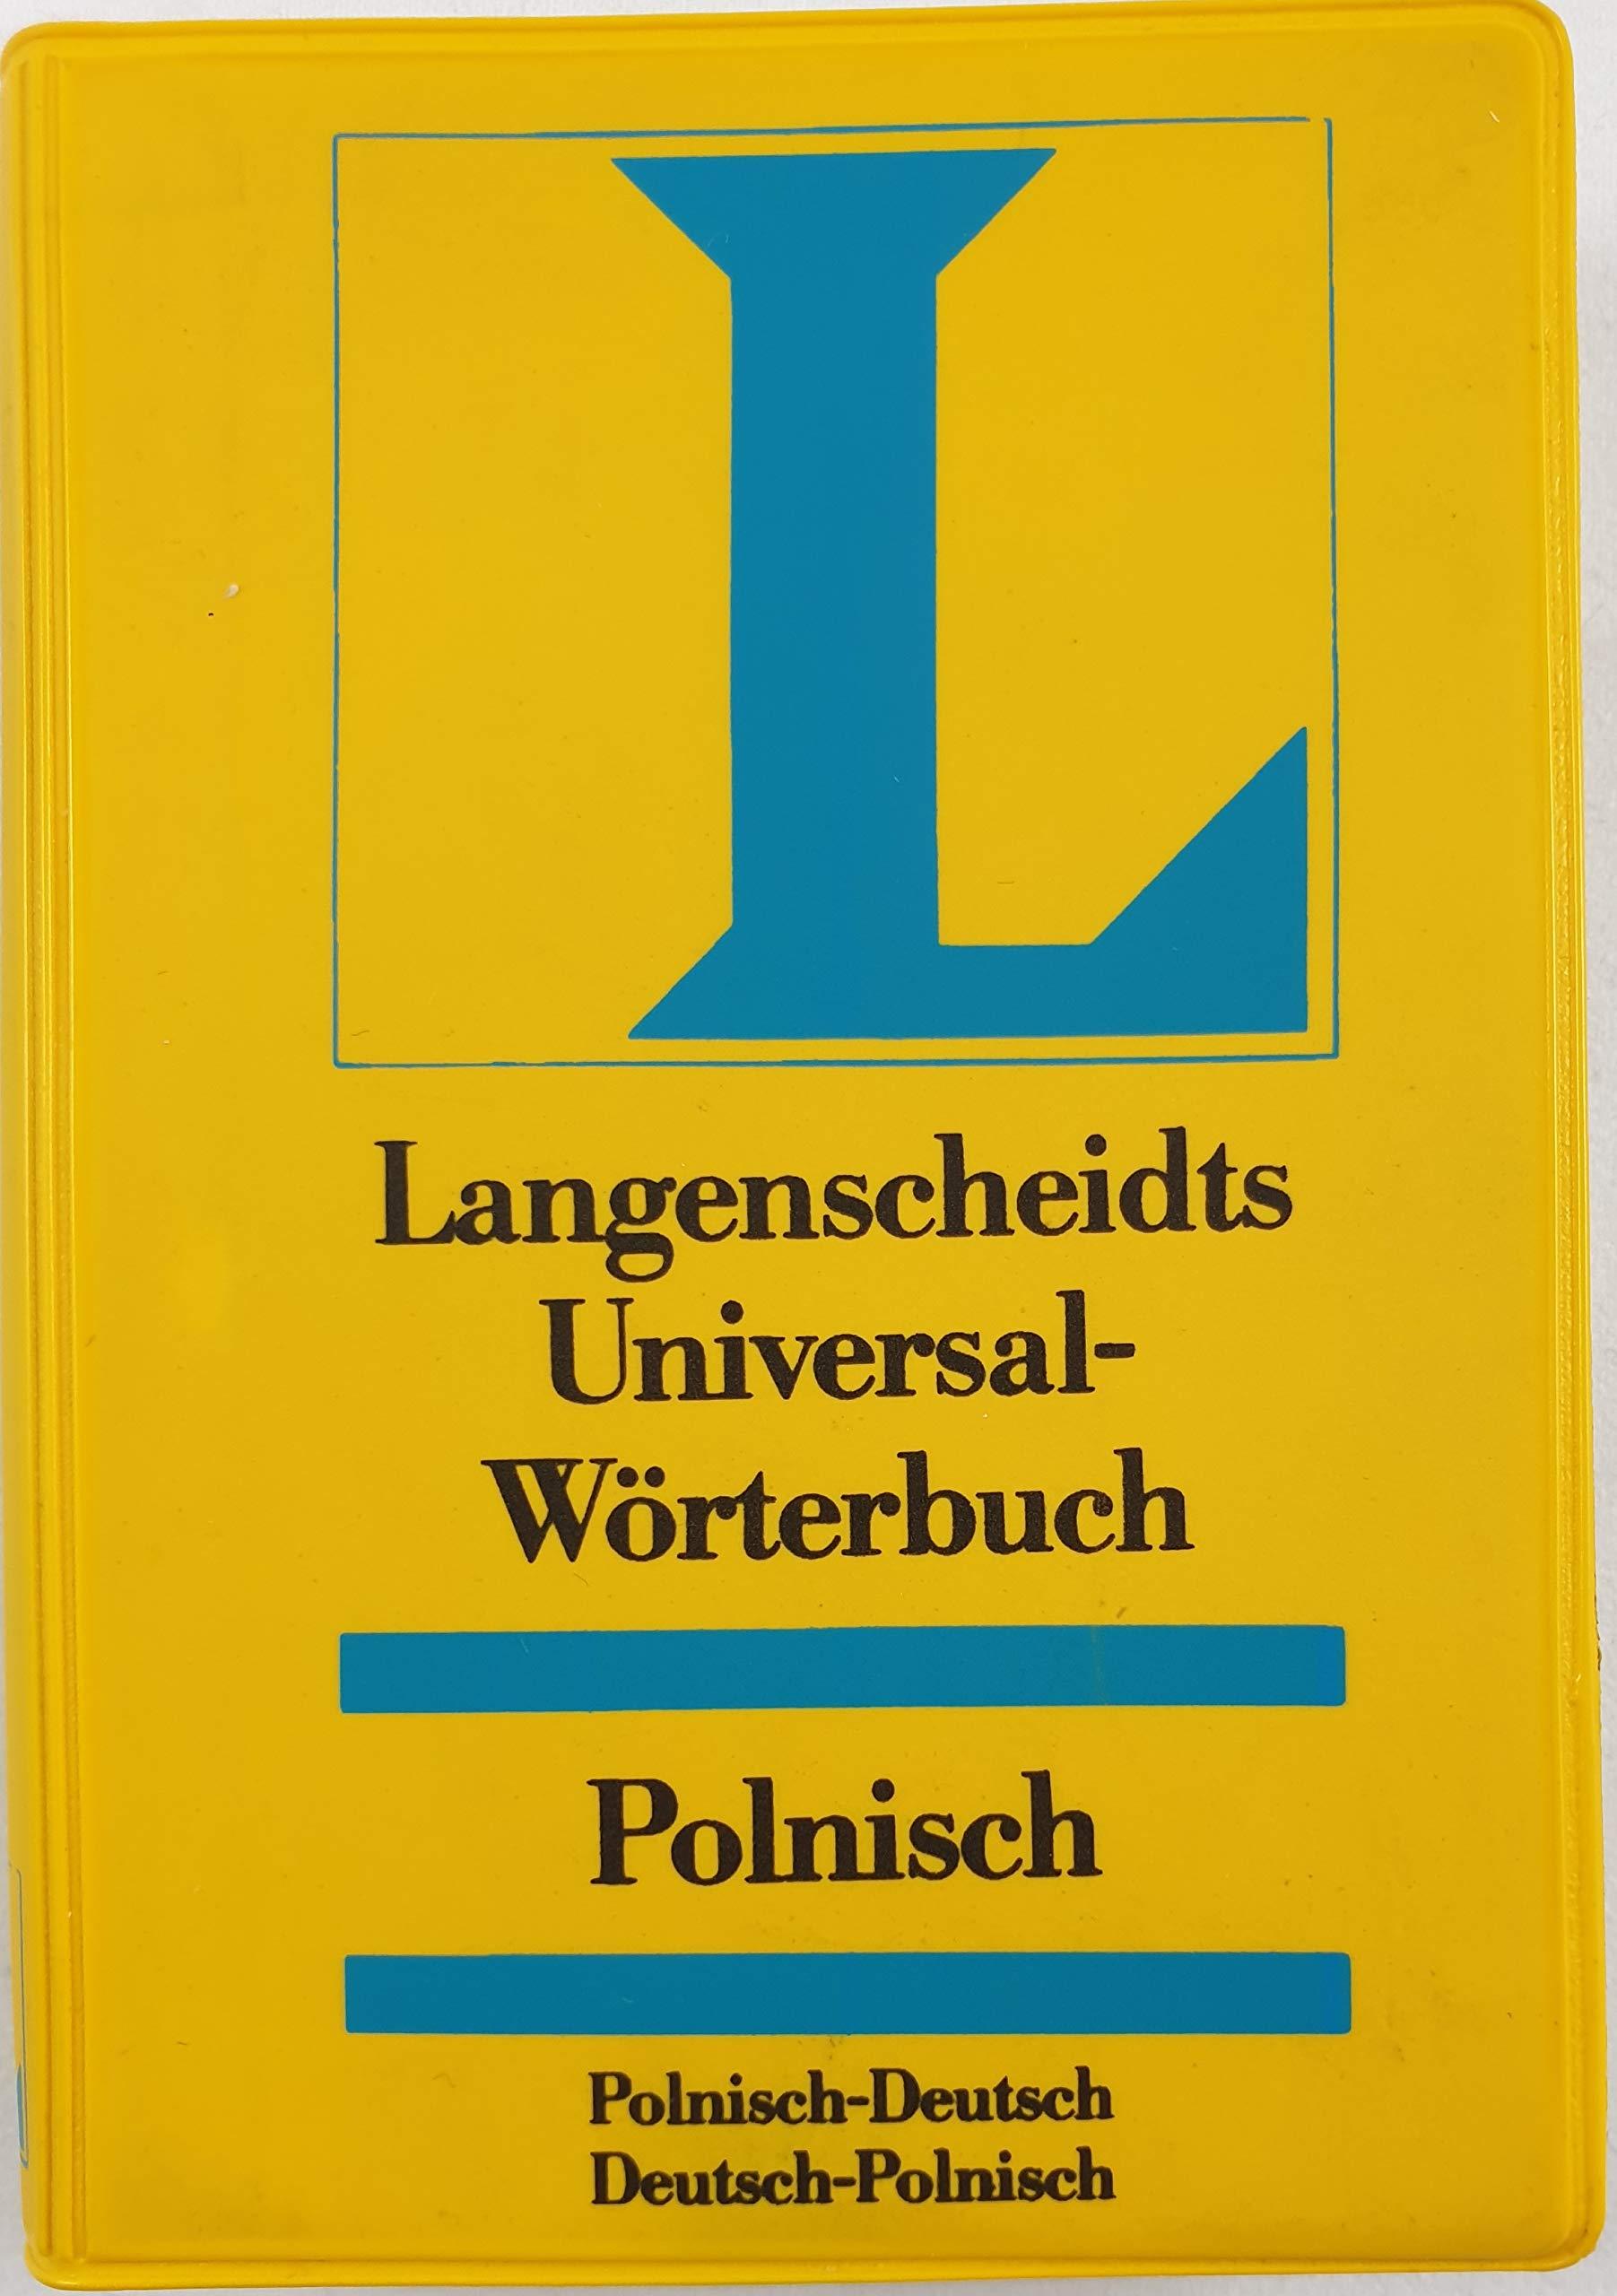 Langenscheidts Universal Wörterbuch Polnisch